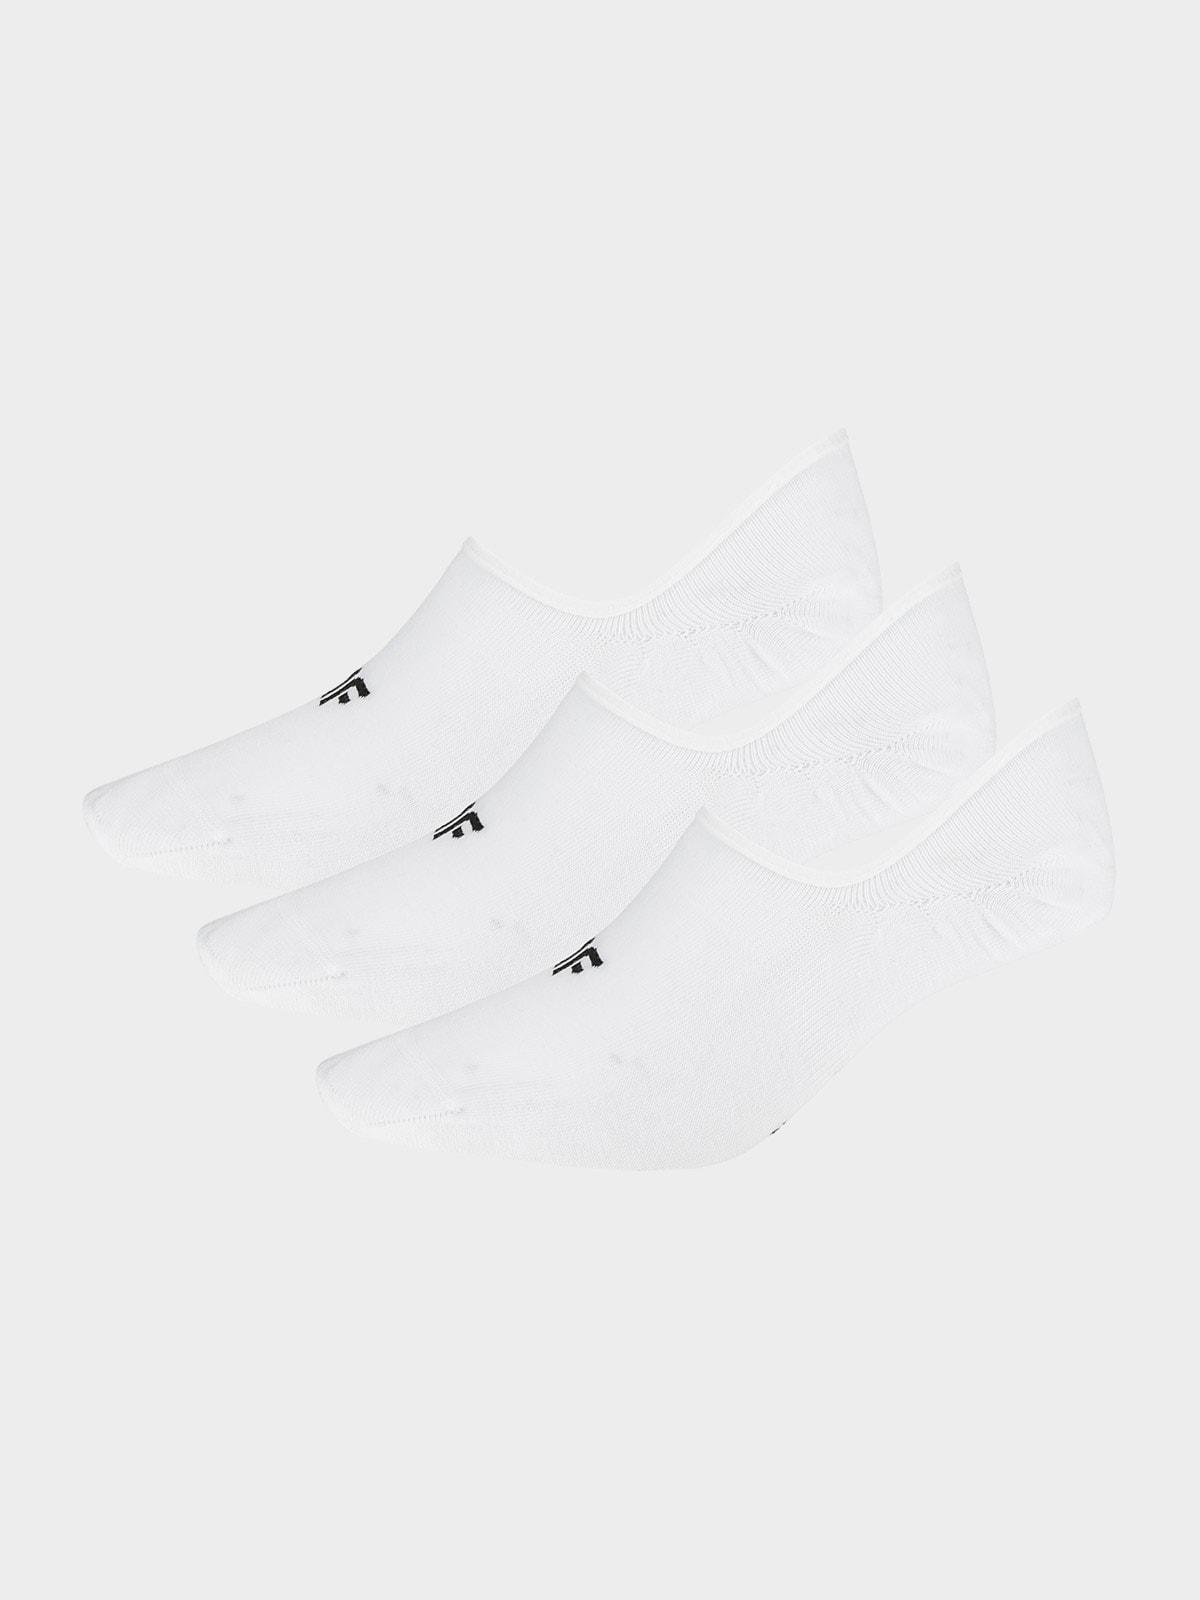 Dámské ponožky SOD301 - bílé+bílé+bílé -